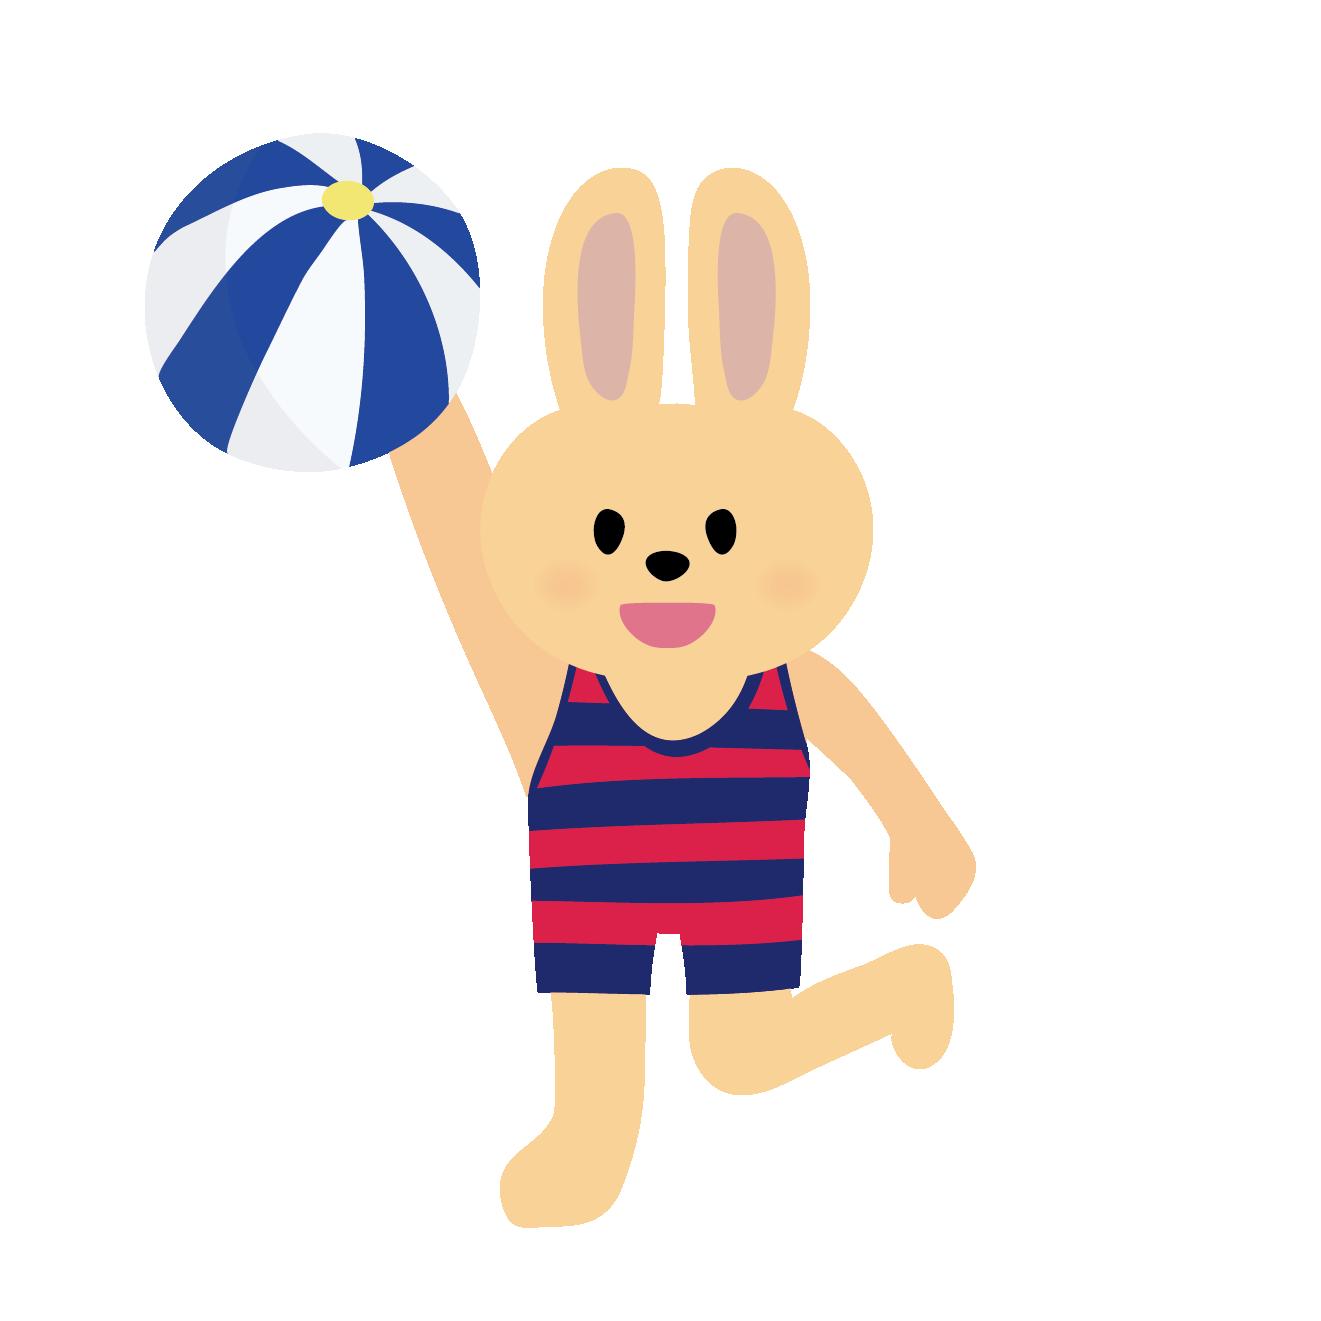 ビーチボールで遊ぶ♪ 水着を着た うさぎさんのイラスト | 商用フリー